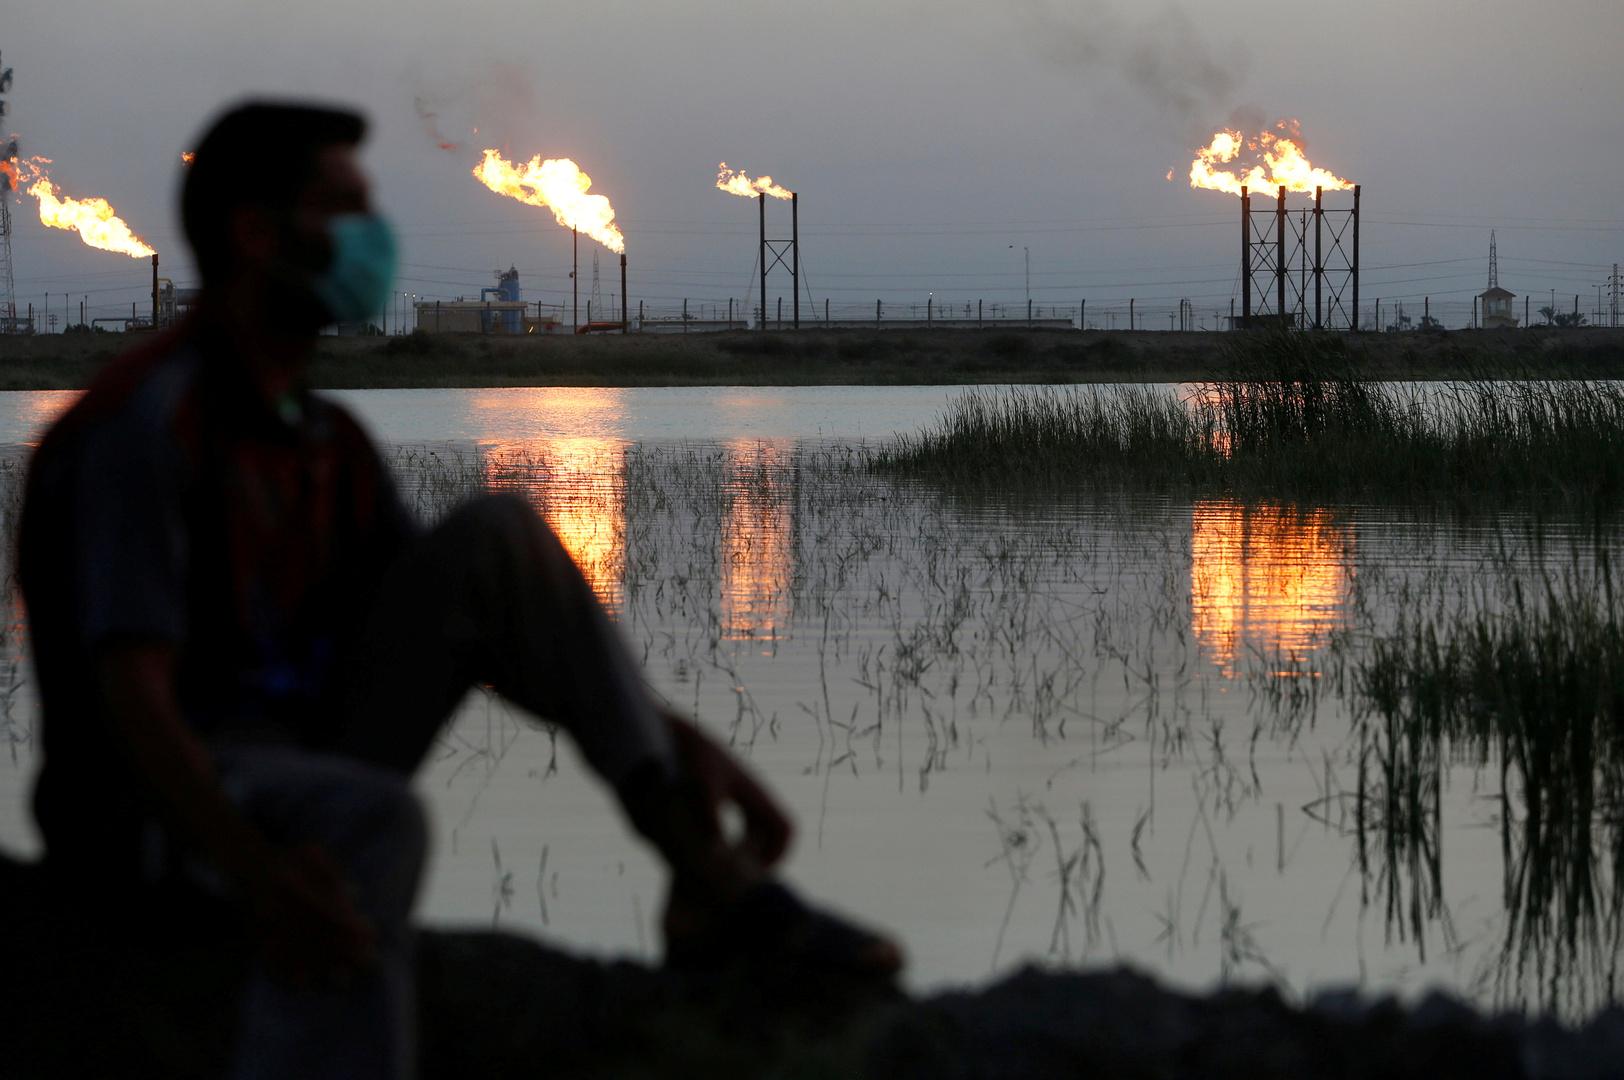 العراق يلغي عقدا ضخما مع تحالف شركات منها ضمنها شركة تركية